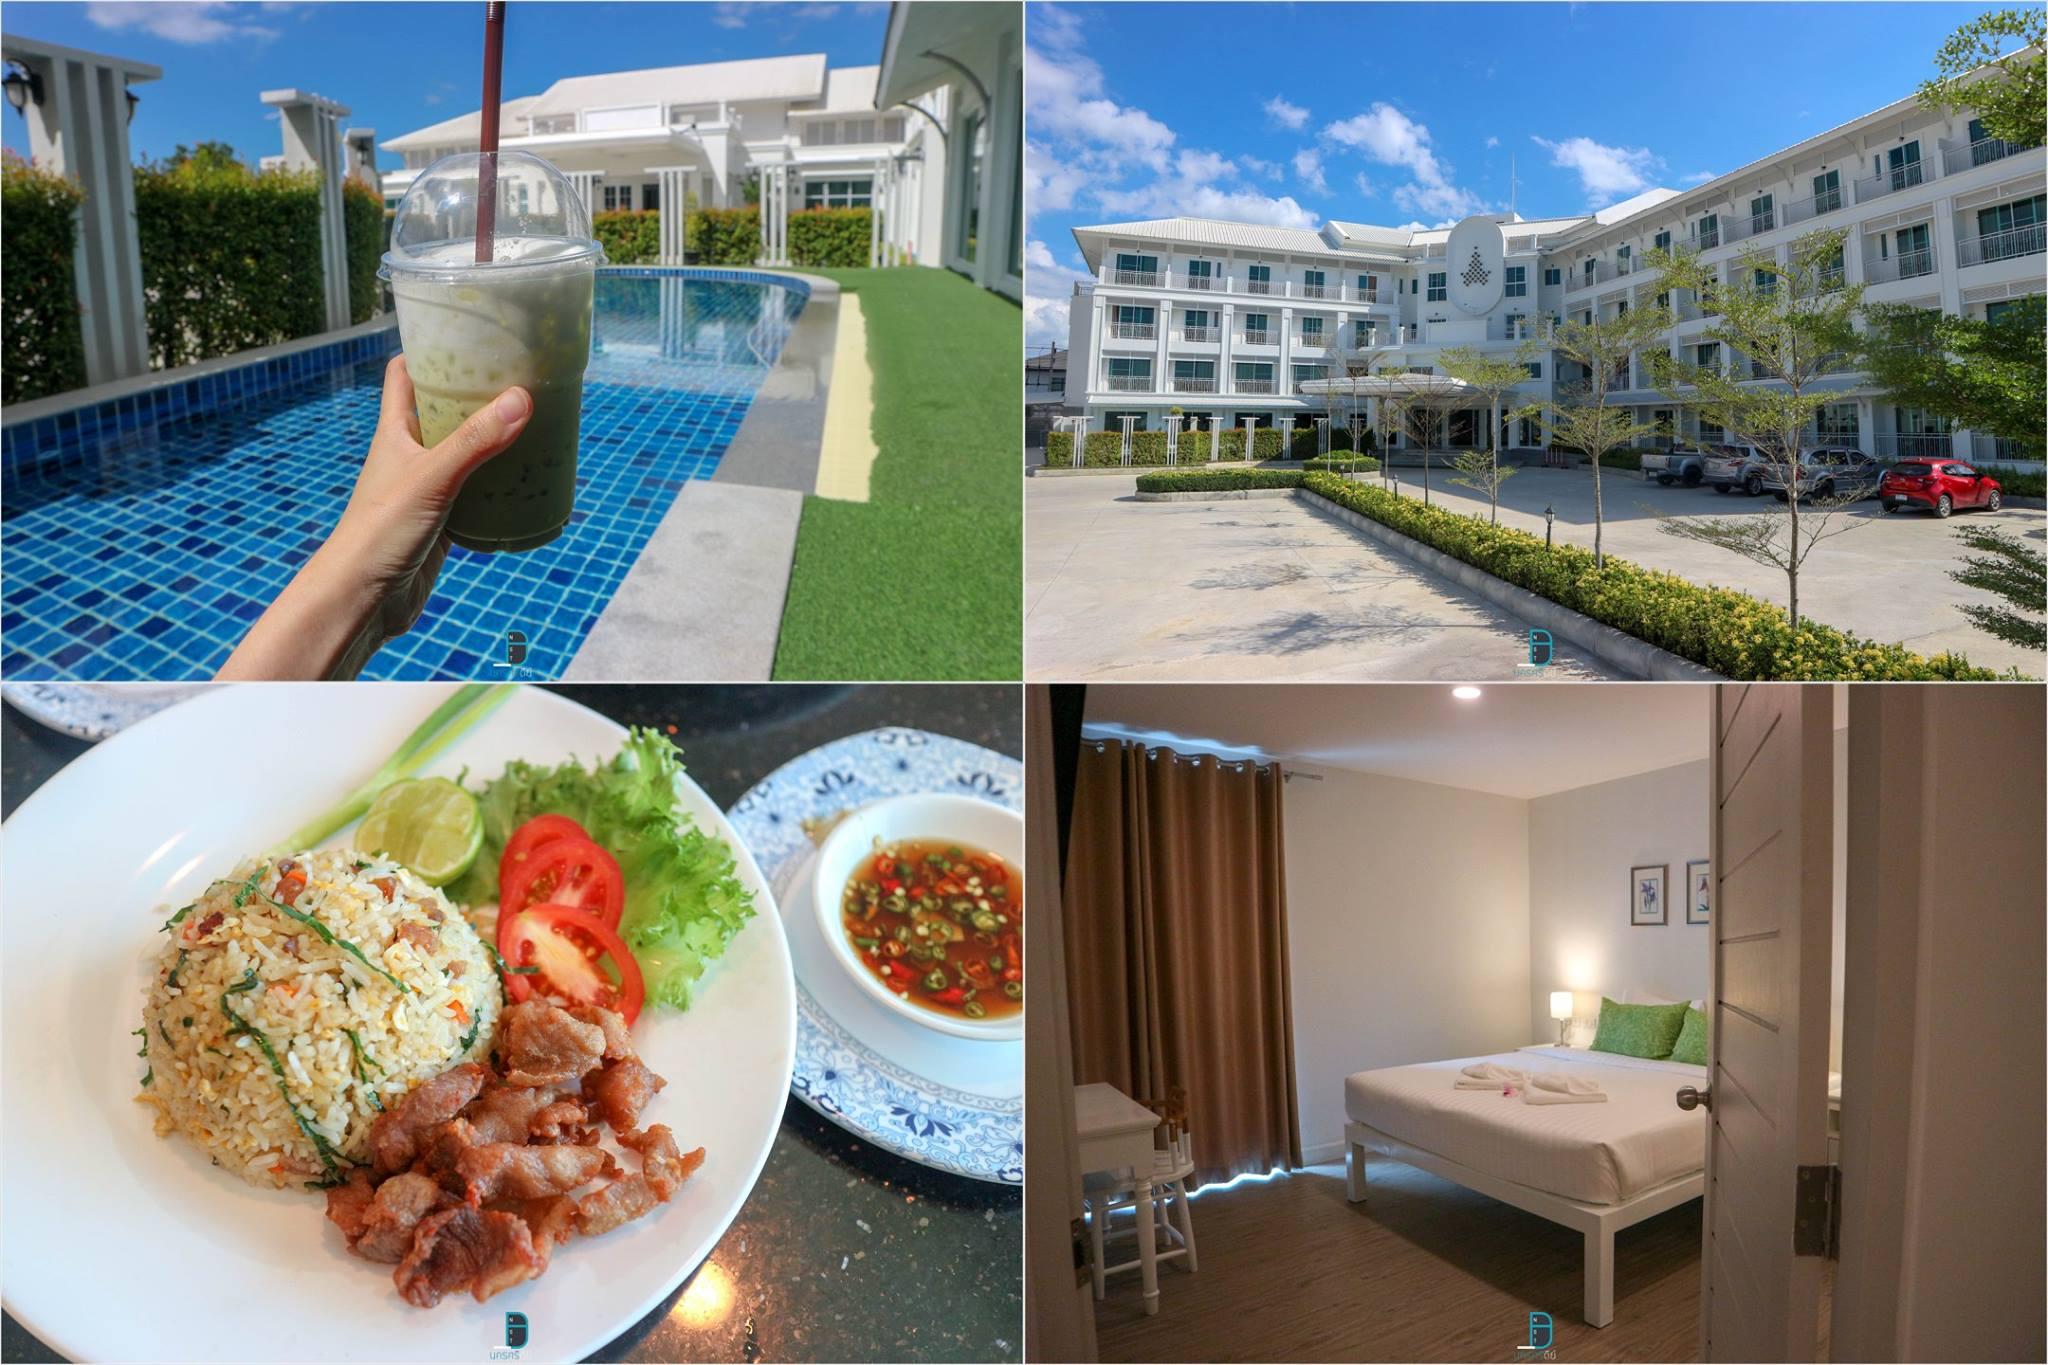 30.-โรงแรมชฎา-แอท-นคร- โรงแรมสุดสวยโทนสีขาวสไตล์มินิมอล-ความโดดเด่นคือโทนสีขาวงามๆ-บรรยากาศดีๆ-ใกล้ๆสนามบินครับ https://nakhonsidee.com/show/read/4/116  อำเภอเมือง,ของกิน,ร้านอร่อย,ที่พัก,นครศรี,โรงแรม,รีสอร์ท,ร้านอาหาร